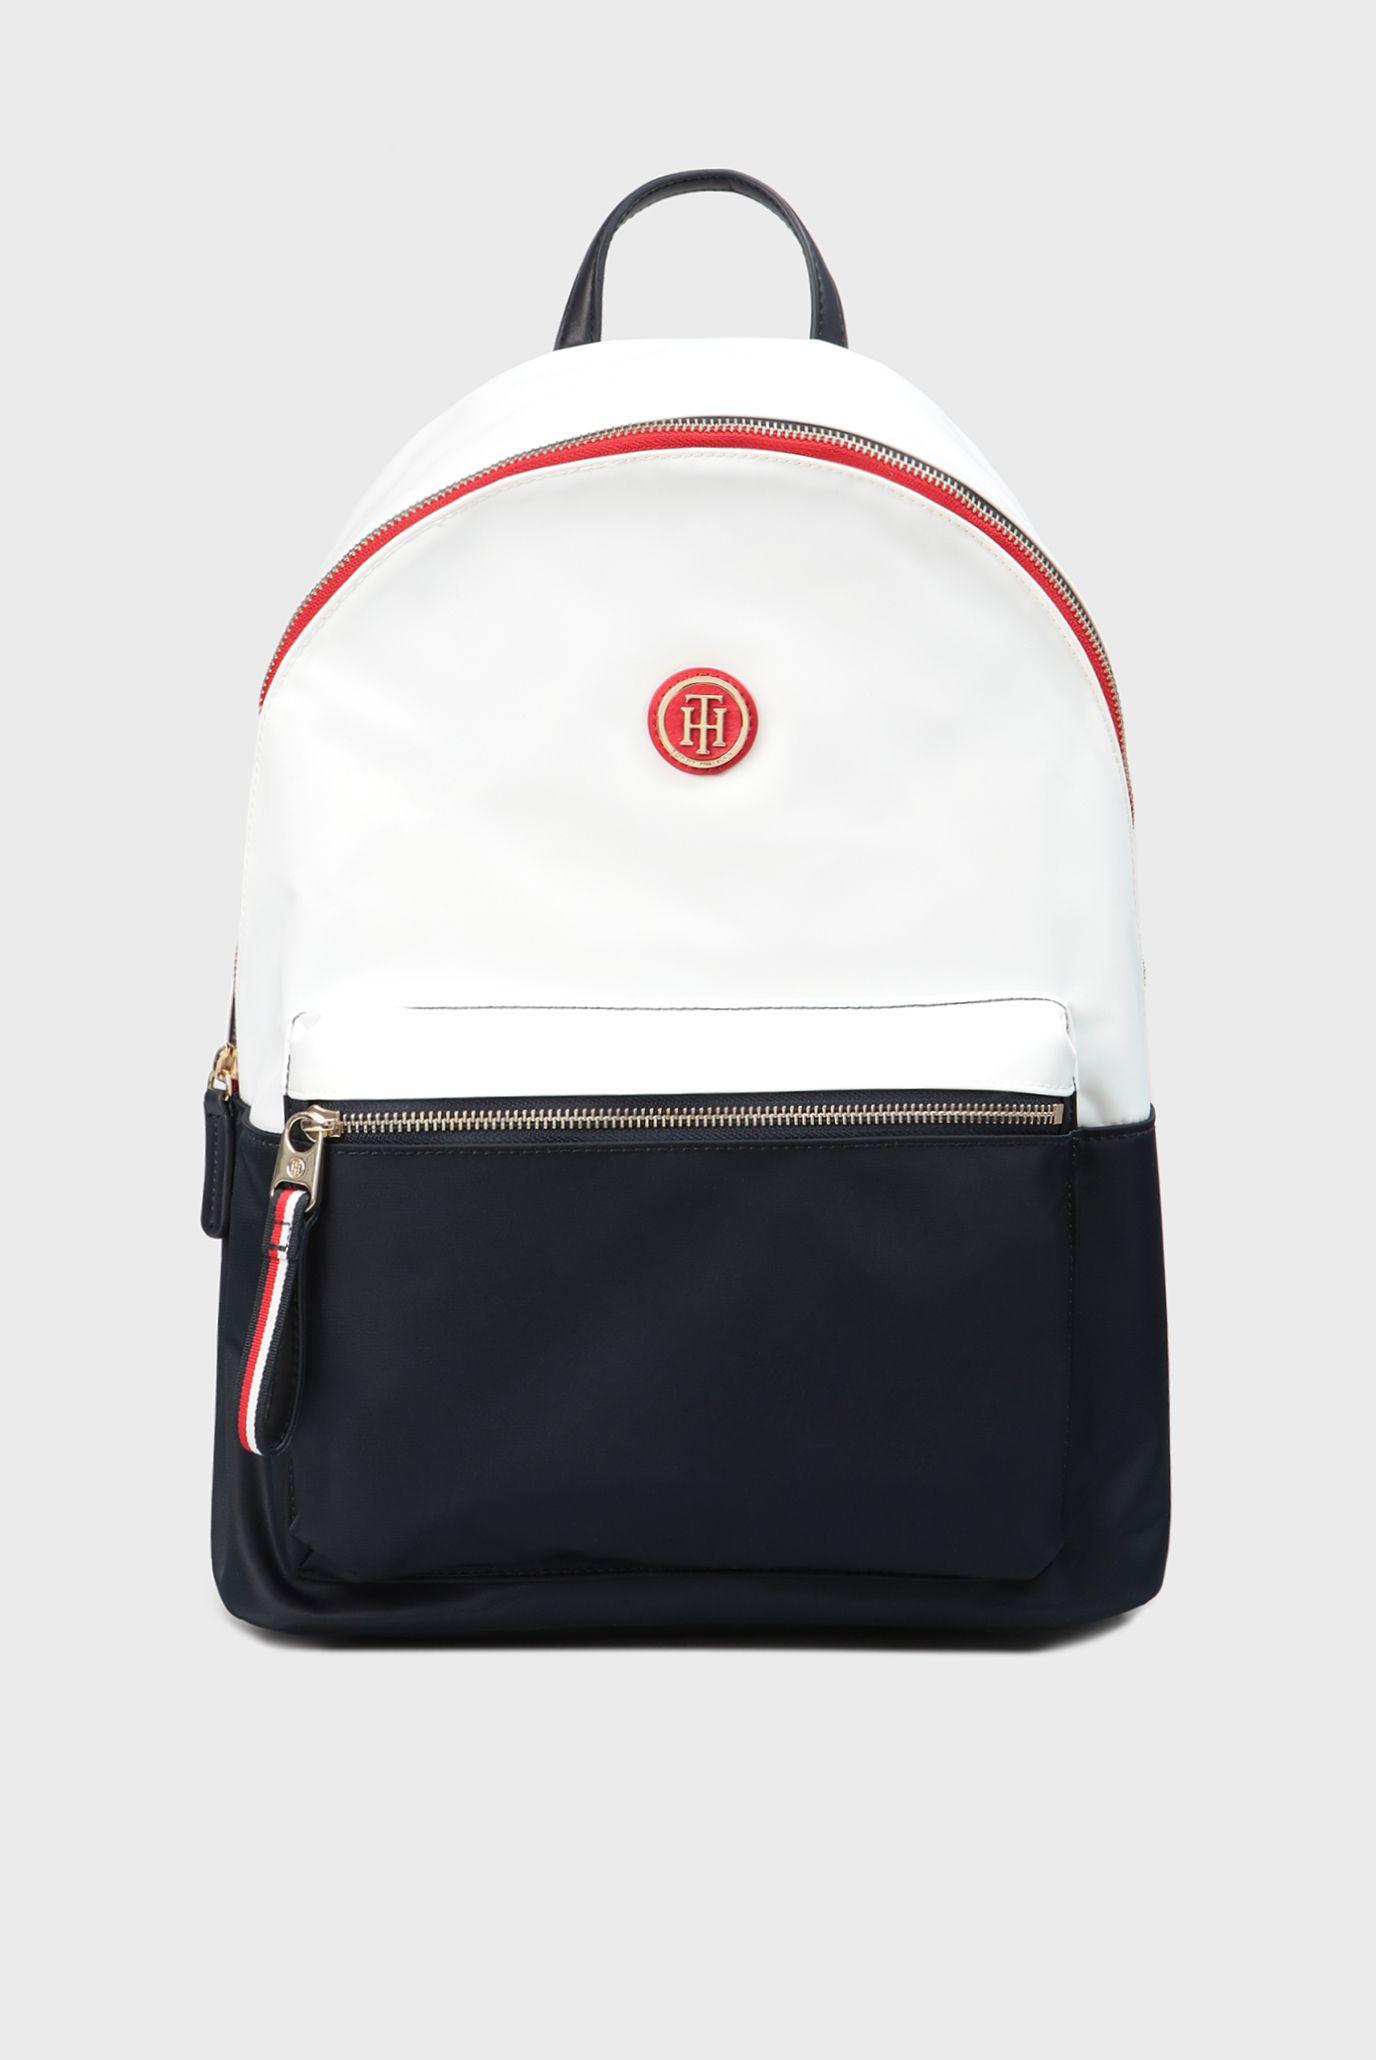 ab3cee9144a9 Купить Женский белый рюкзак Tommy Hilfiger Tommy Hilfiger AW0AW05407 ...